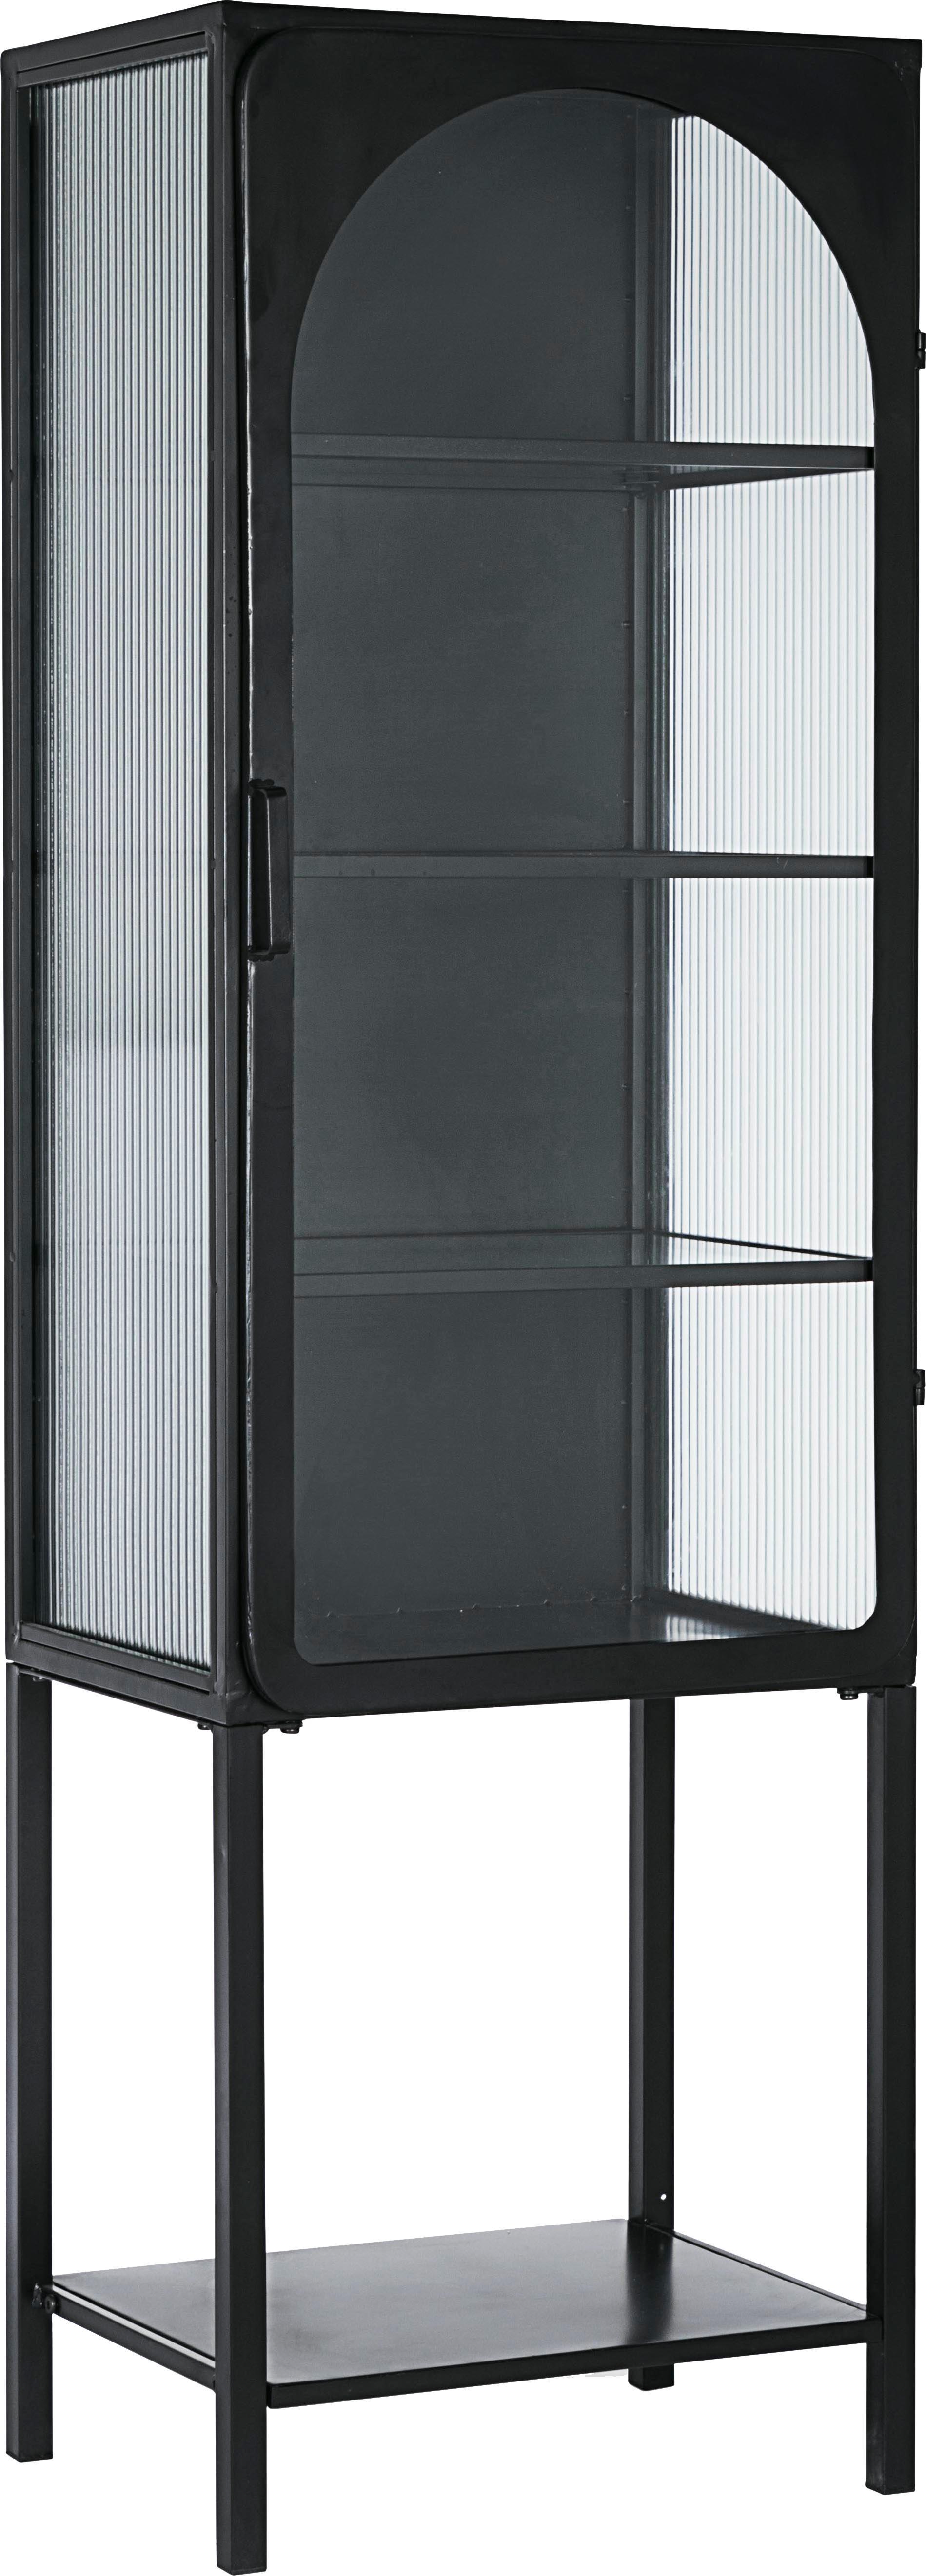 Witryna Nerissa, Stelaż: stal epoksydowana, malowa, Czarny, transparentny, S 50 x G 40 cm